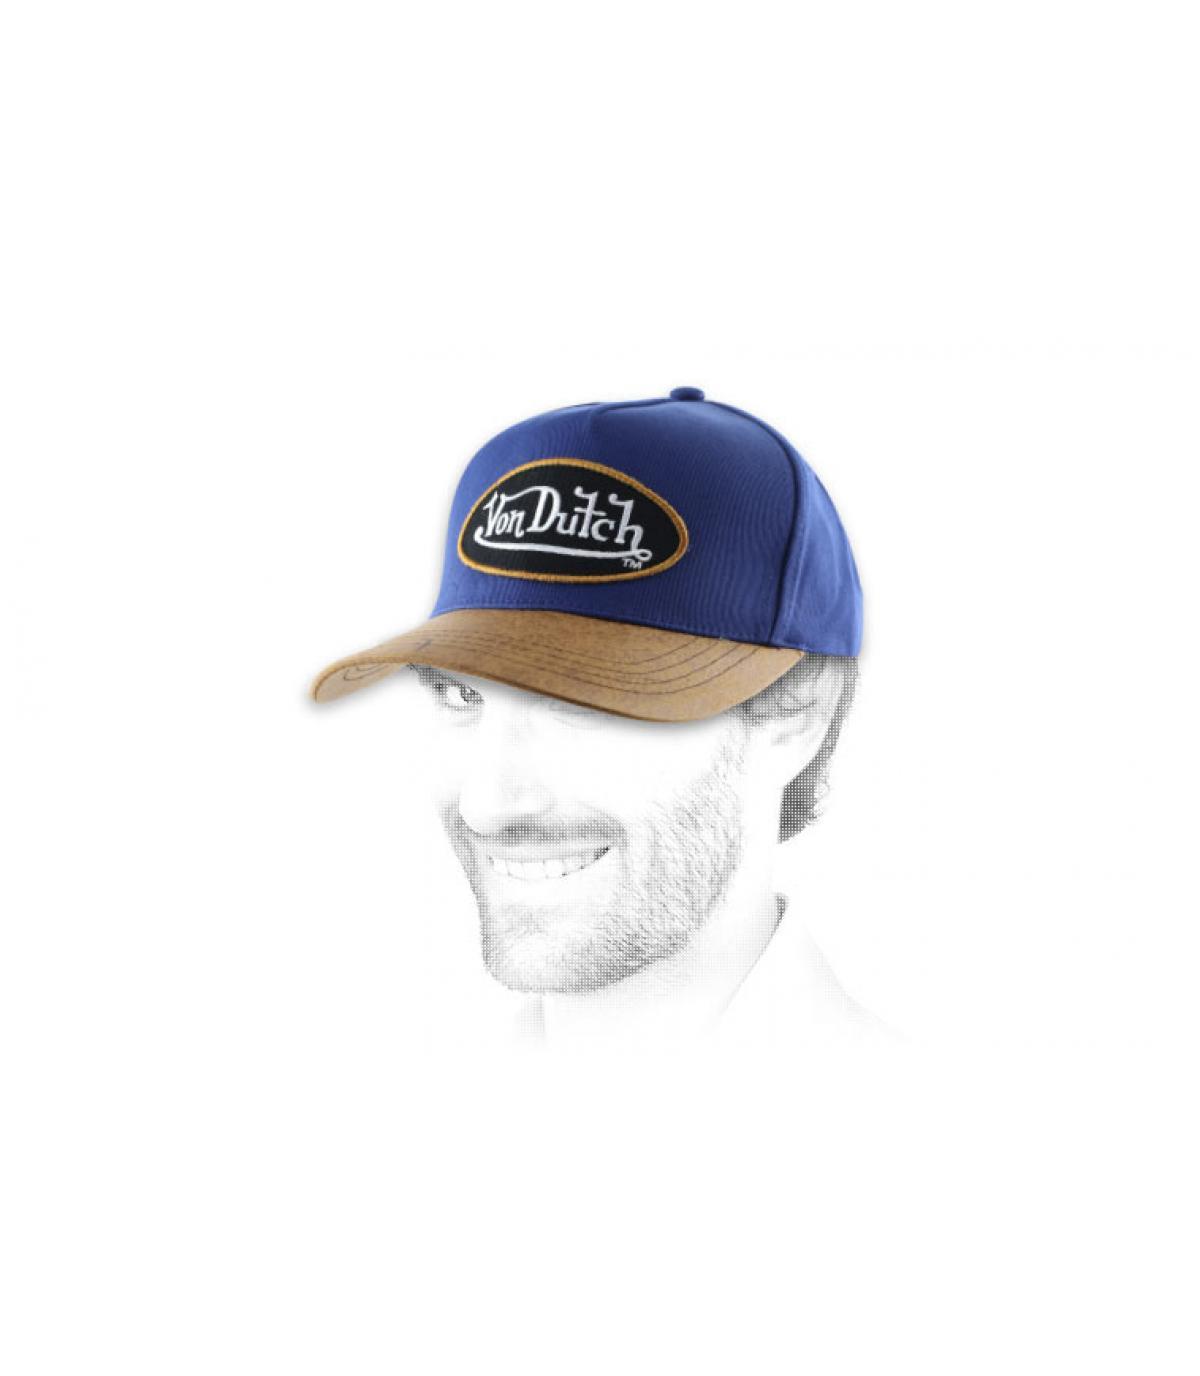 Von Dutch gorra con visera de cuero azul.